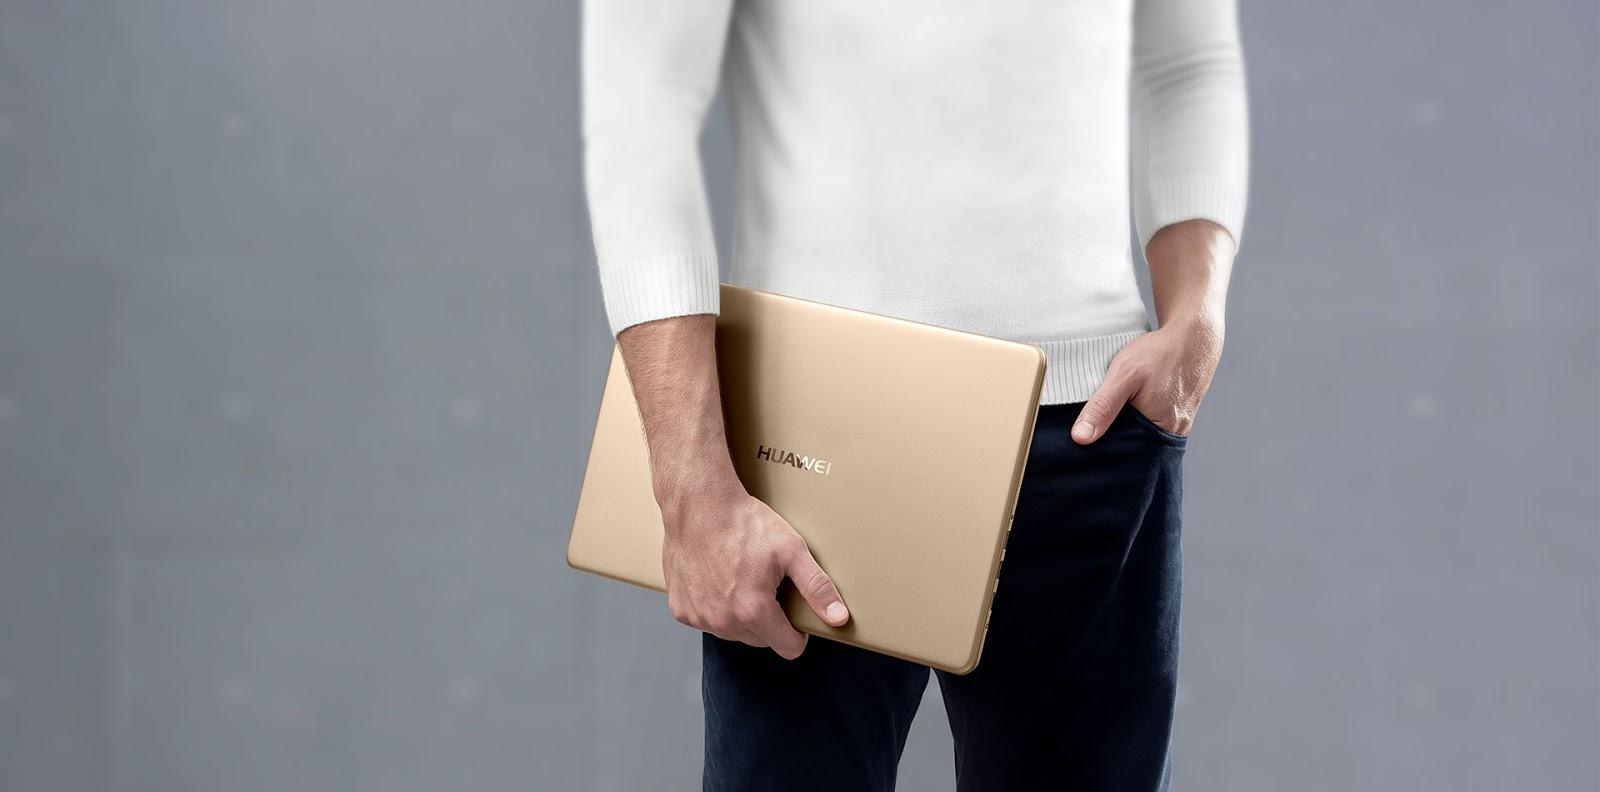 Huawei MateBook D Laptop Tipis Hardware Mumpuni